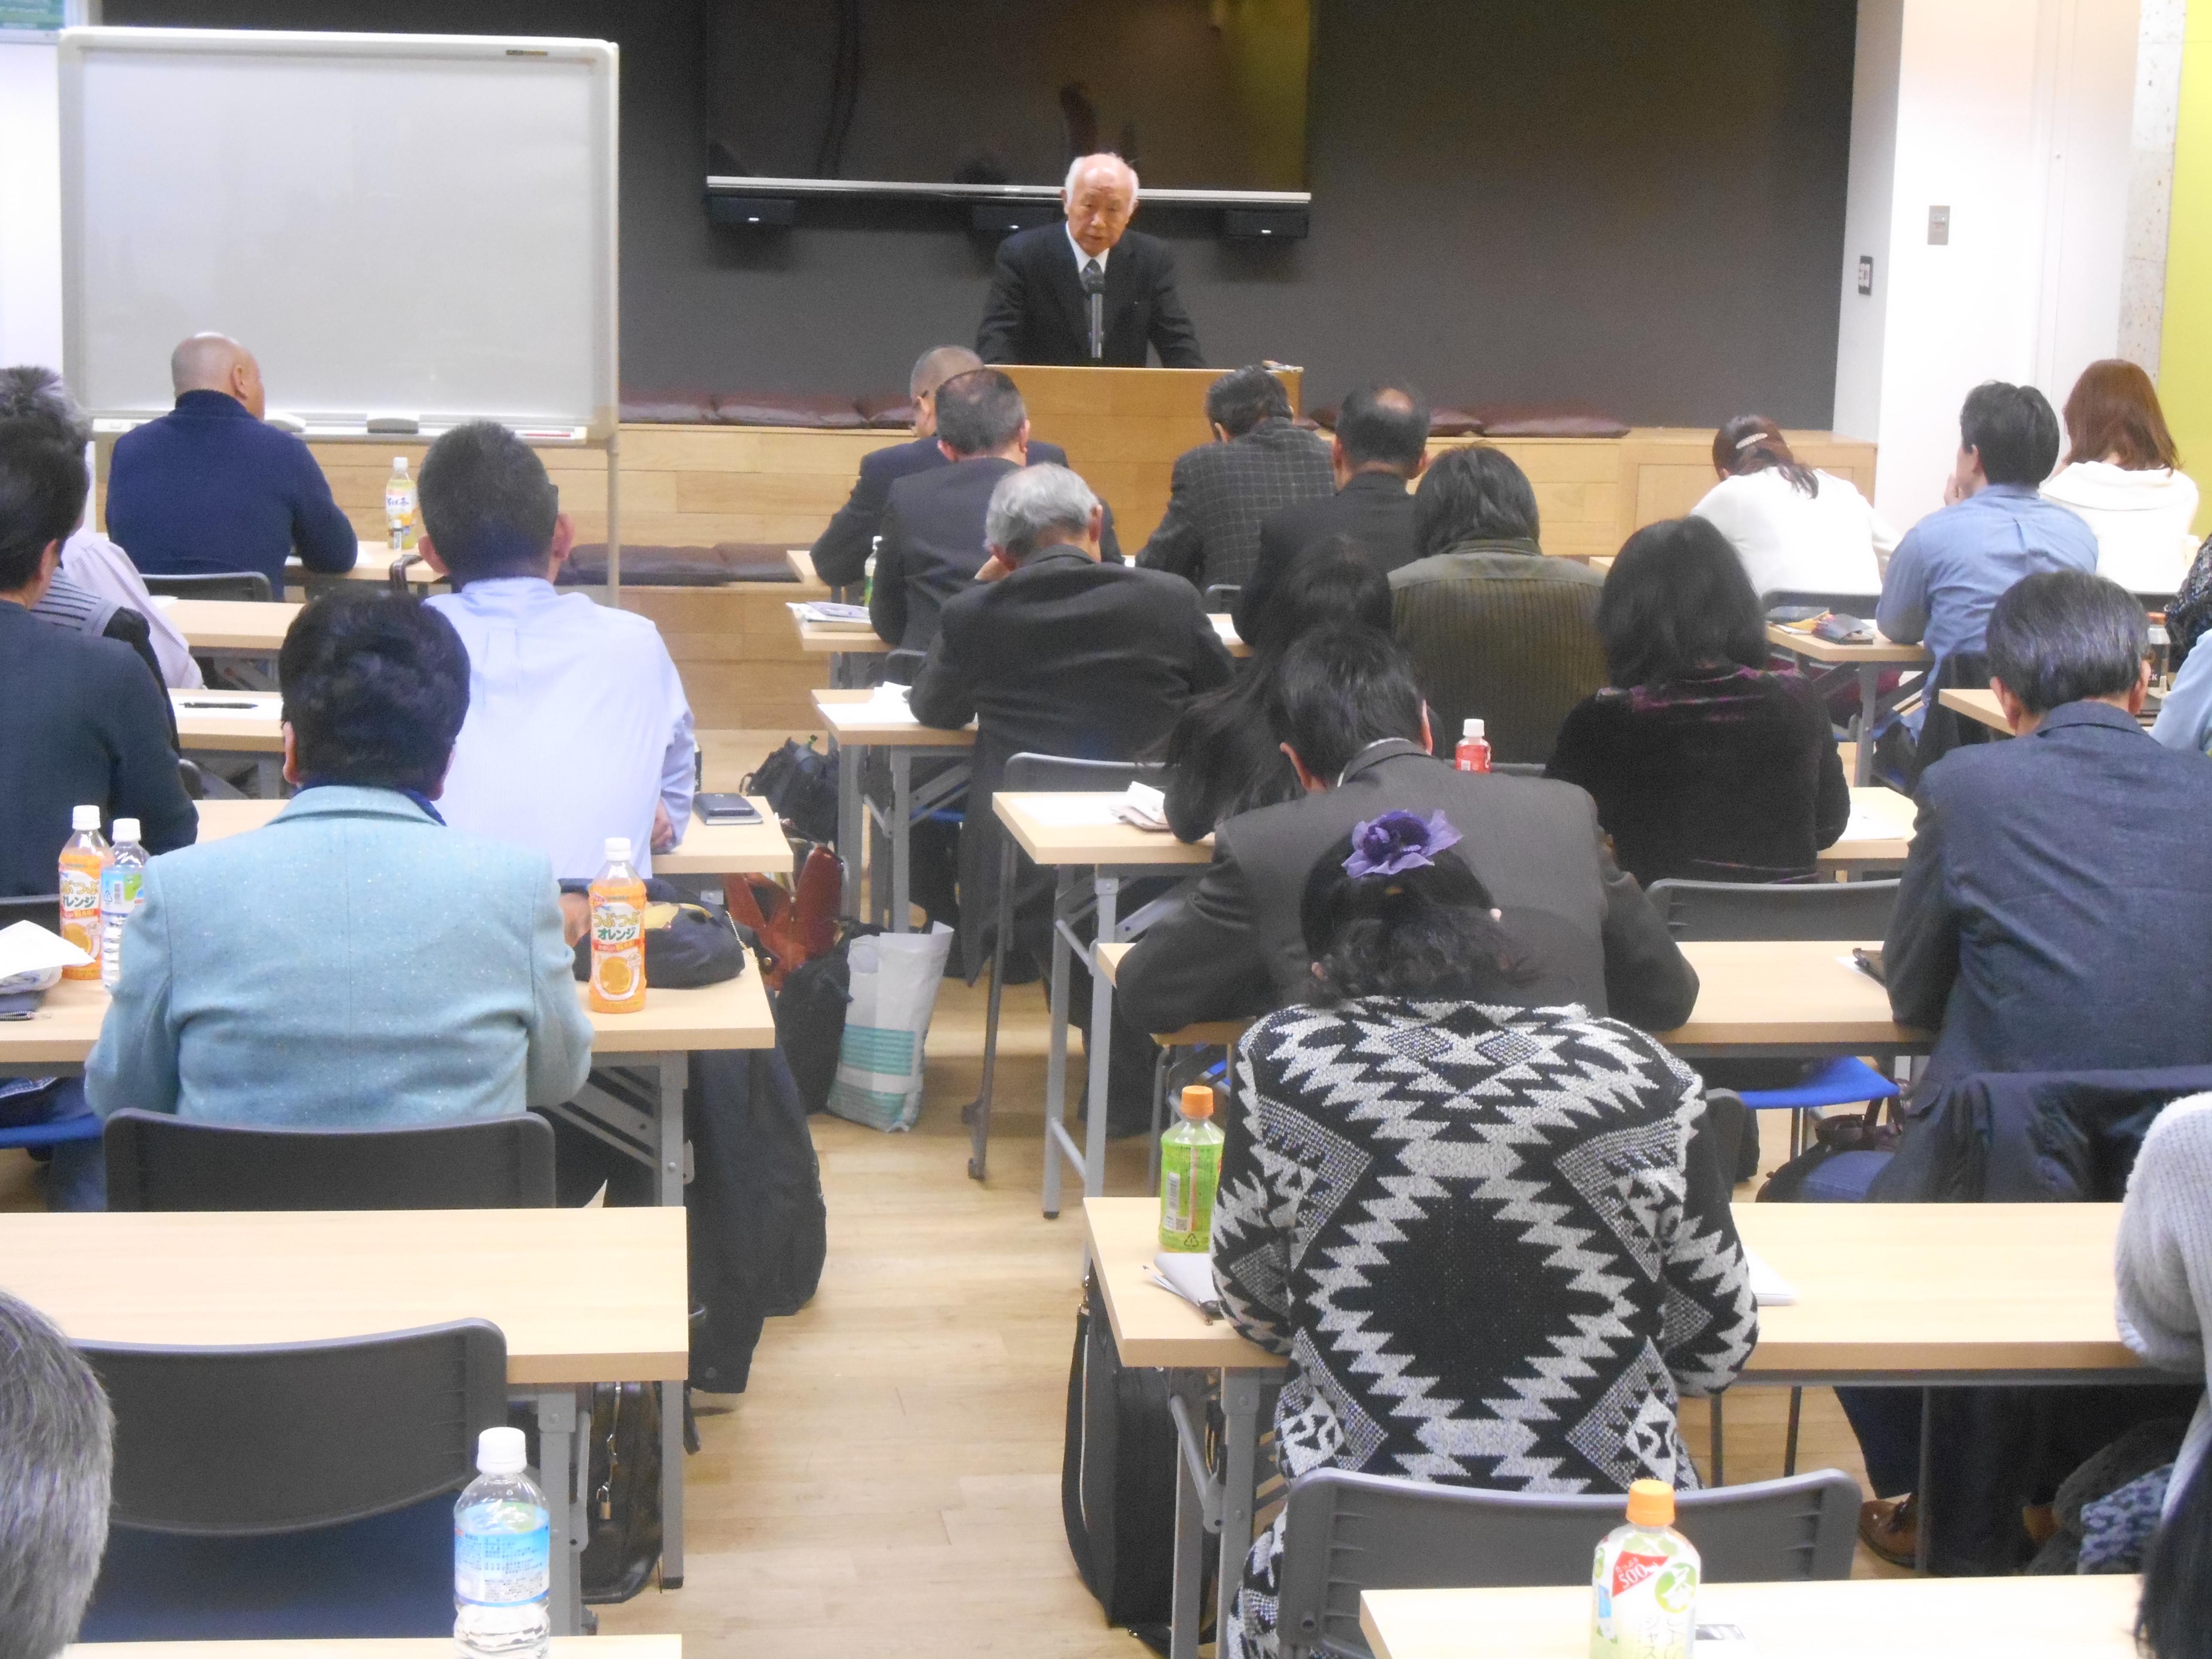 DSCN0054 - 平成29年度 東京思風塾2月4日開催しました。